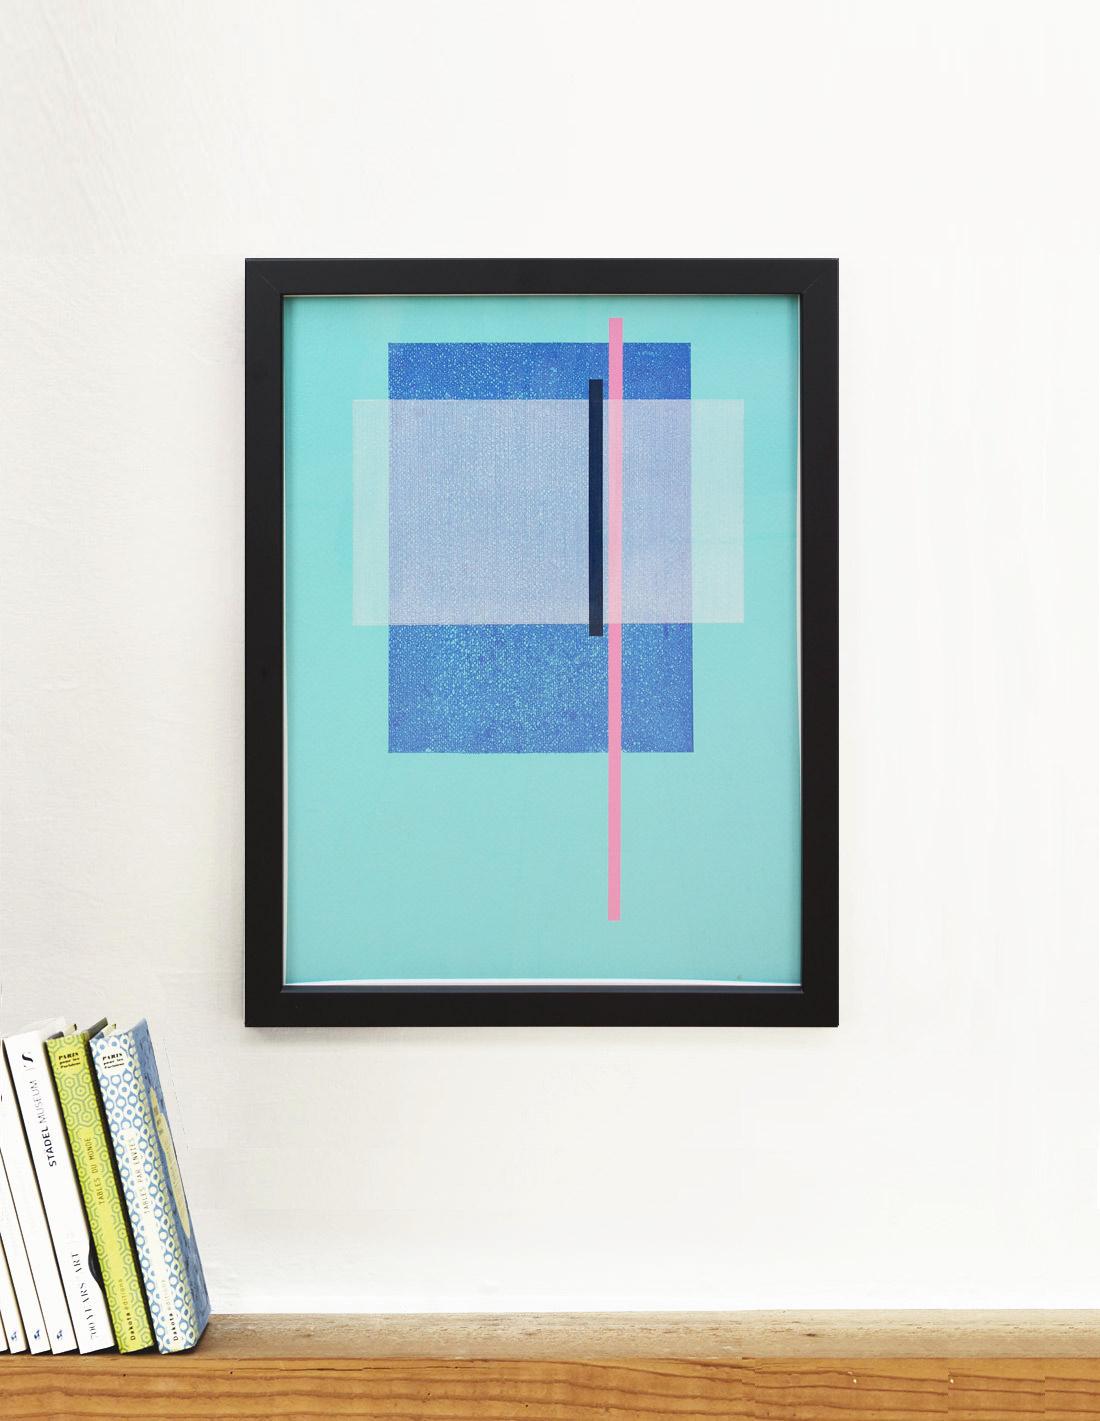 Sans-Titre-(fond-turquoise,-rectangle-bleu-et-blanc,-barre-rose)-insitu